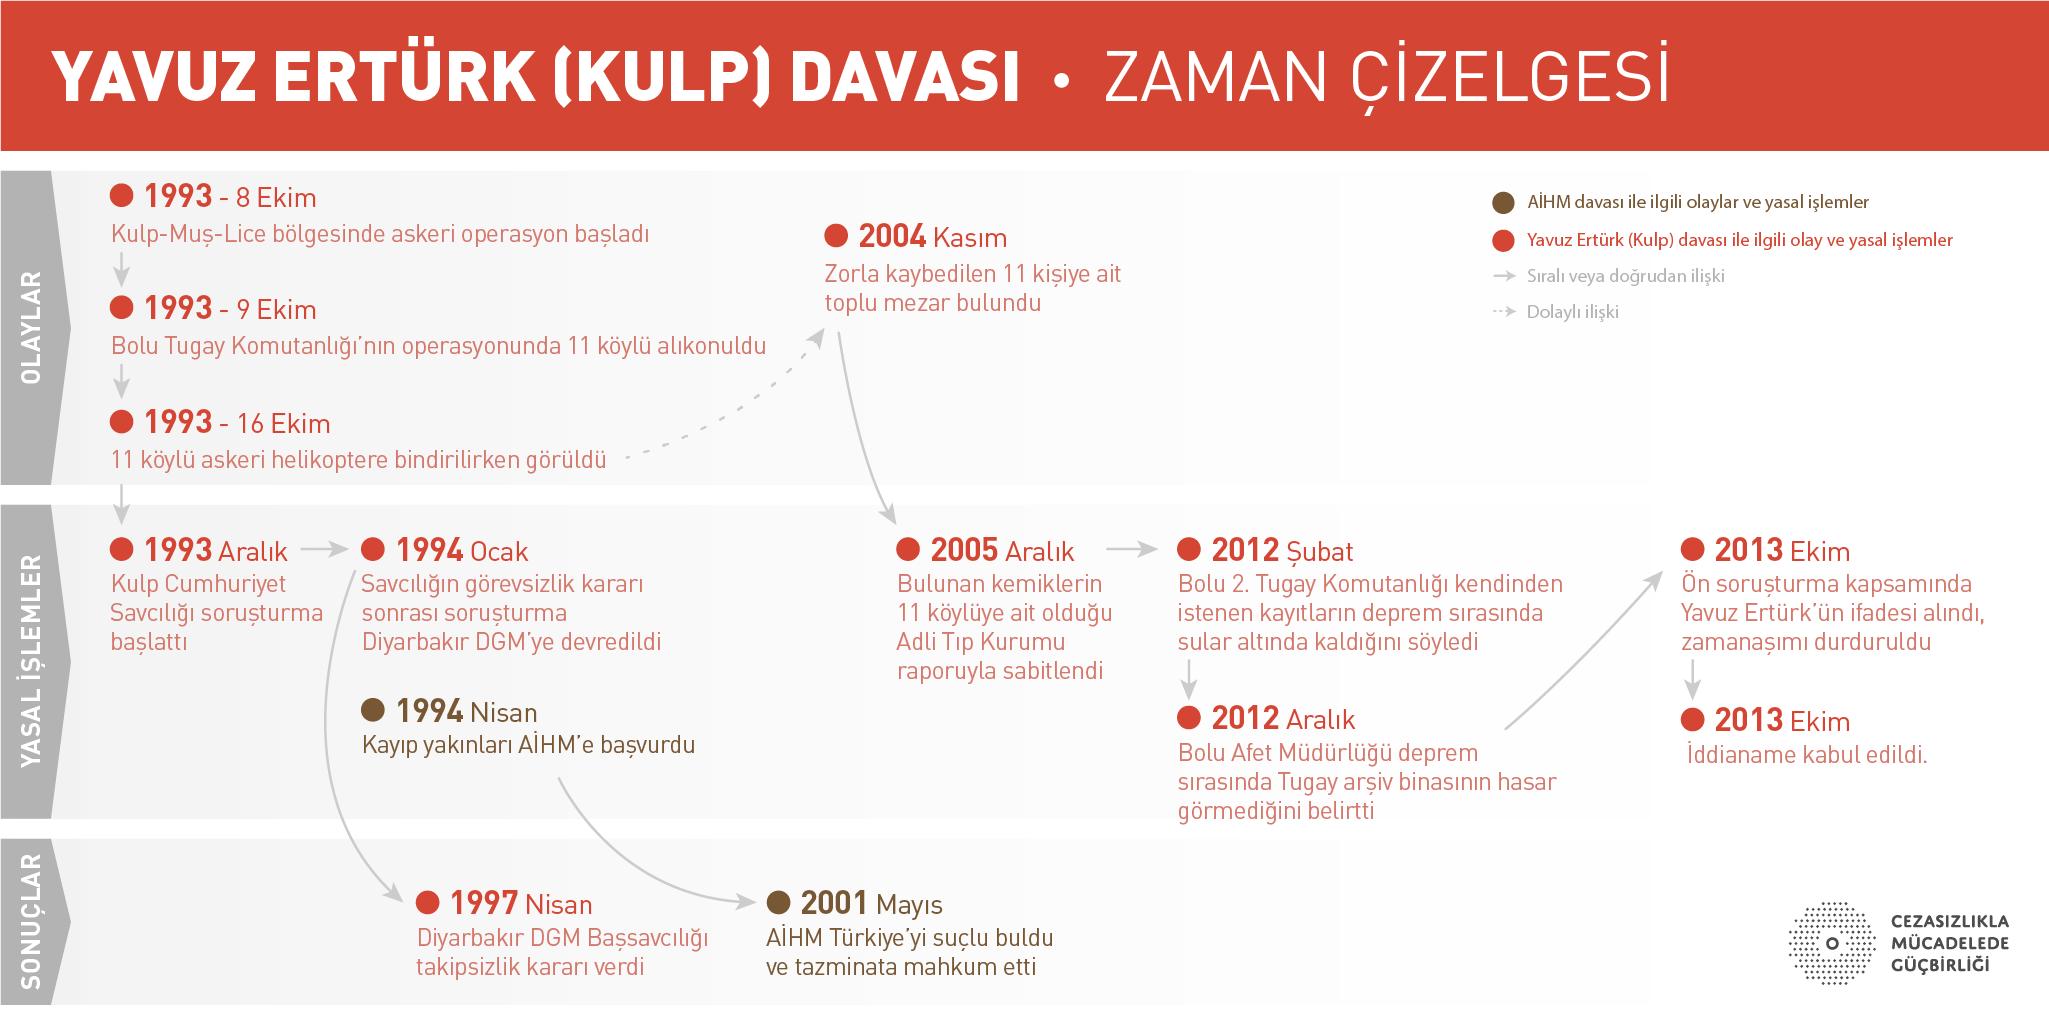 davalar_kulp-timeline-1